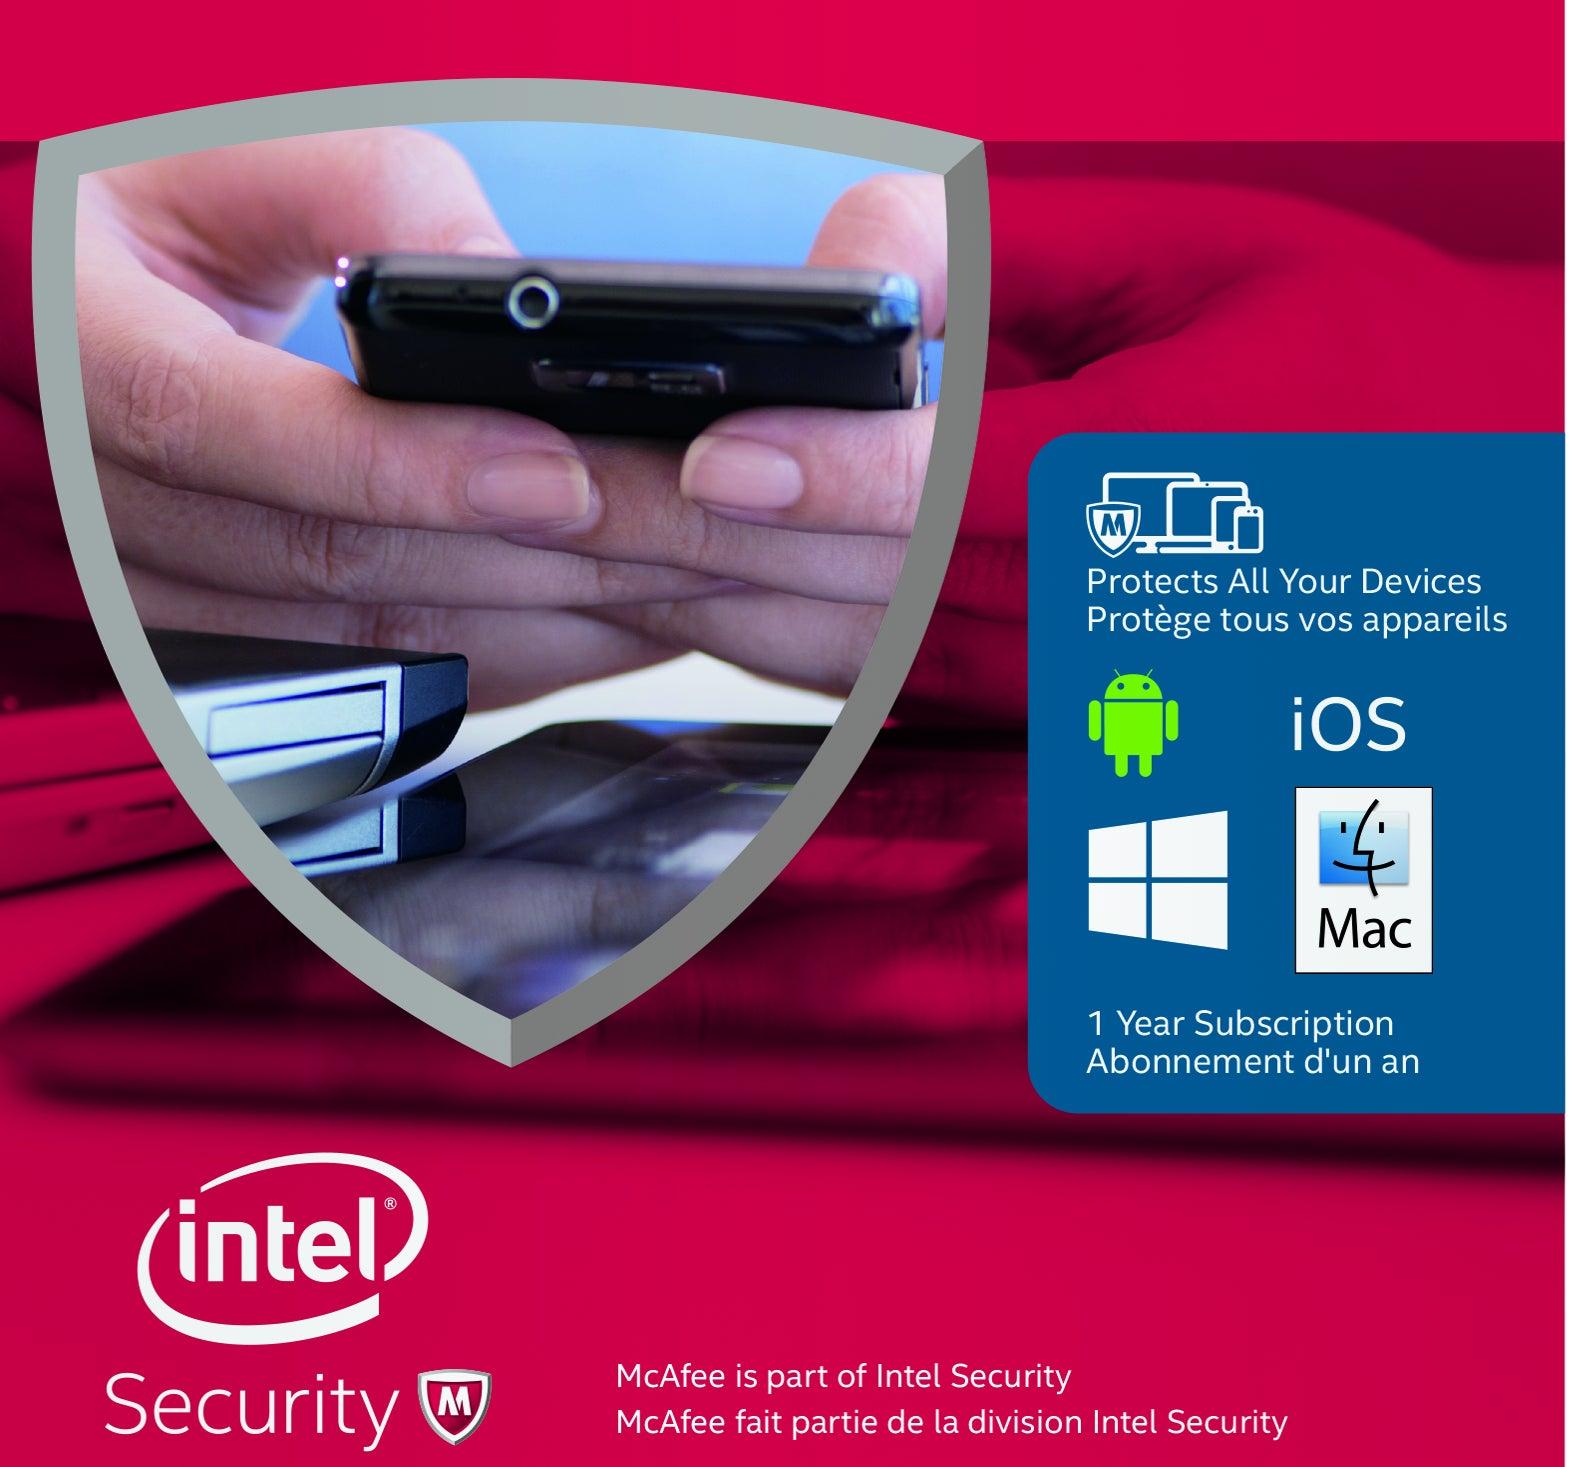 mac cafe antivirus trial version free download